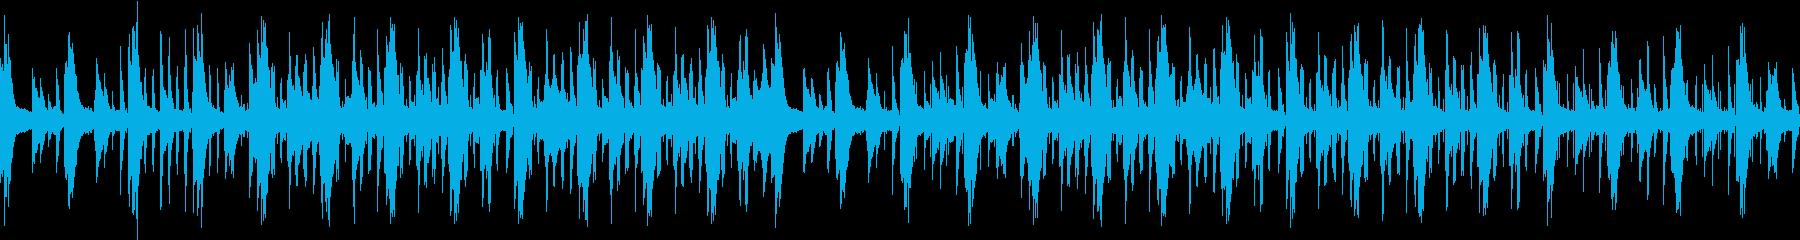 おしゃれ・感動的・都会的・ピアノサウンドの再生済みの波形